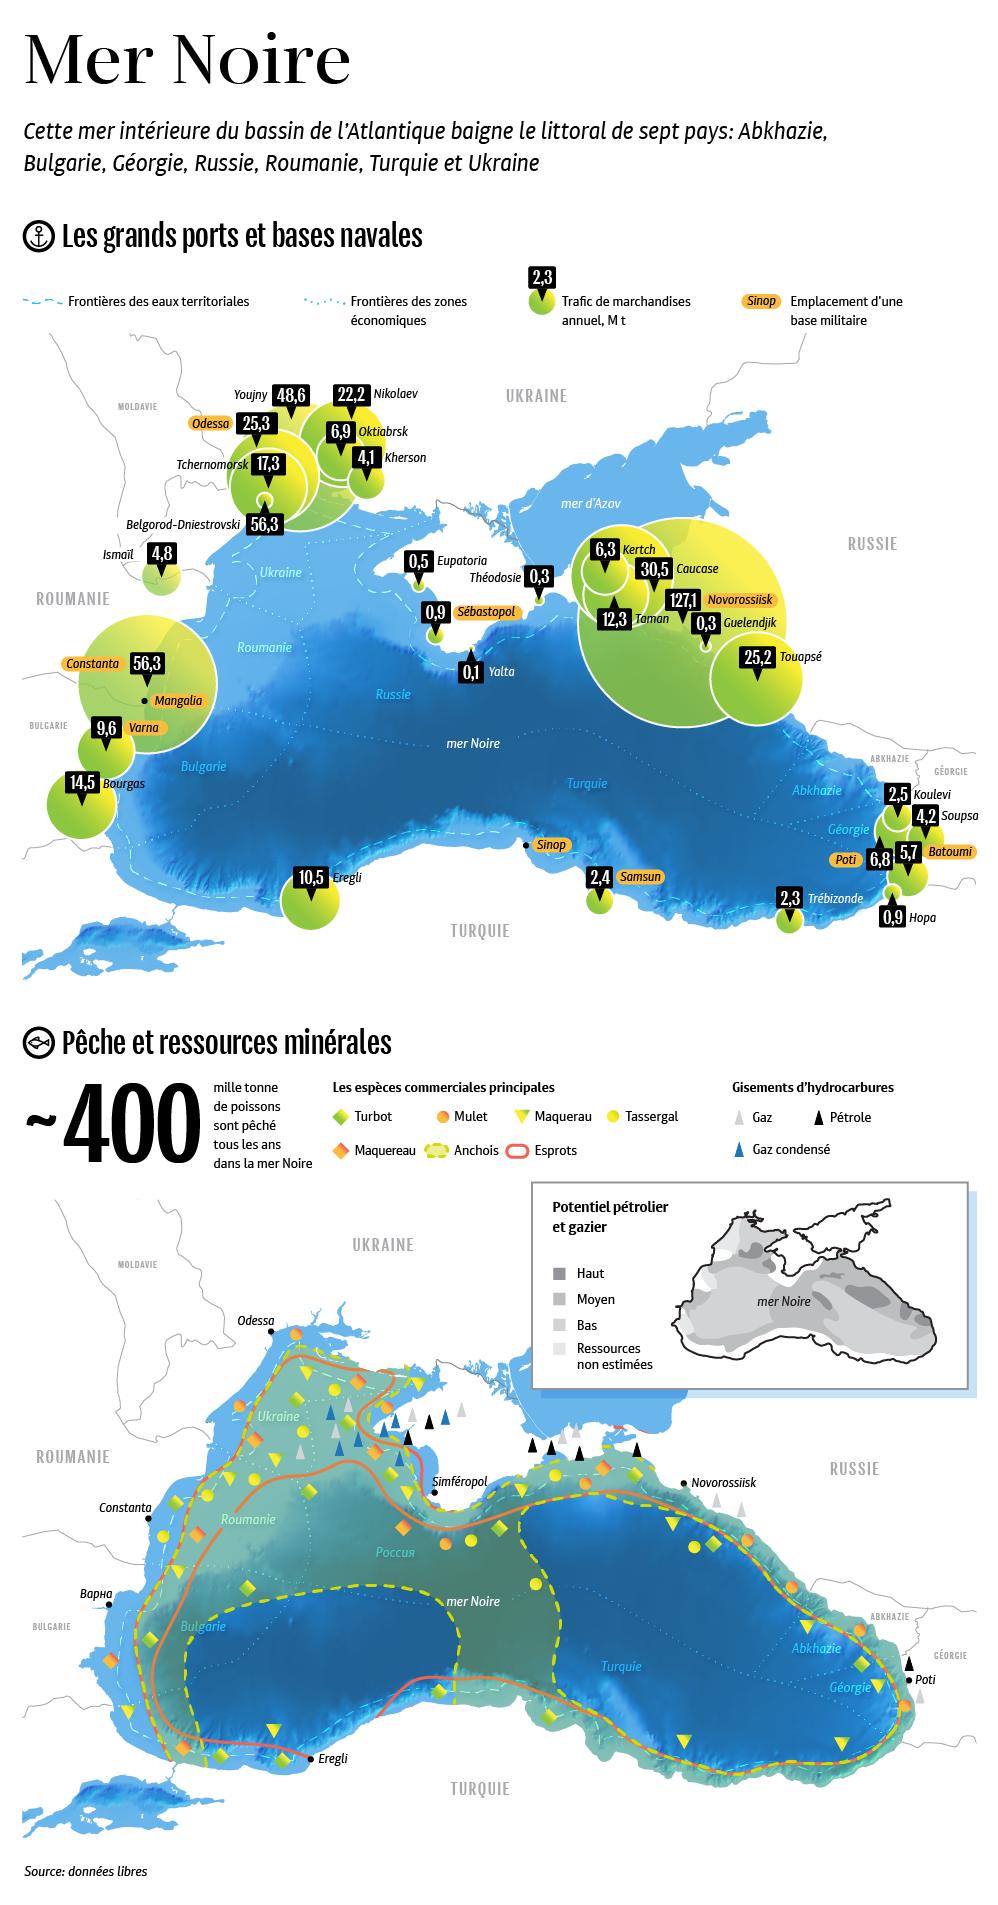 Les richesses de la mer Noire